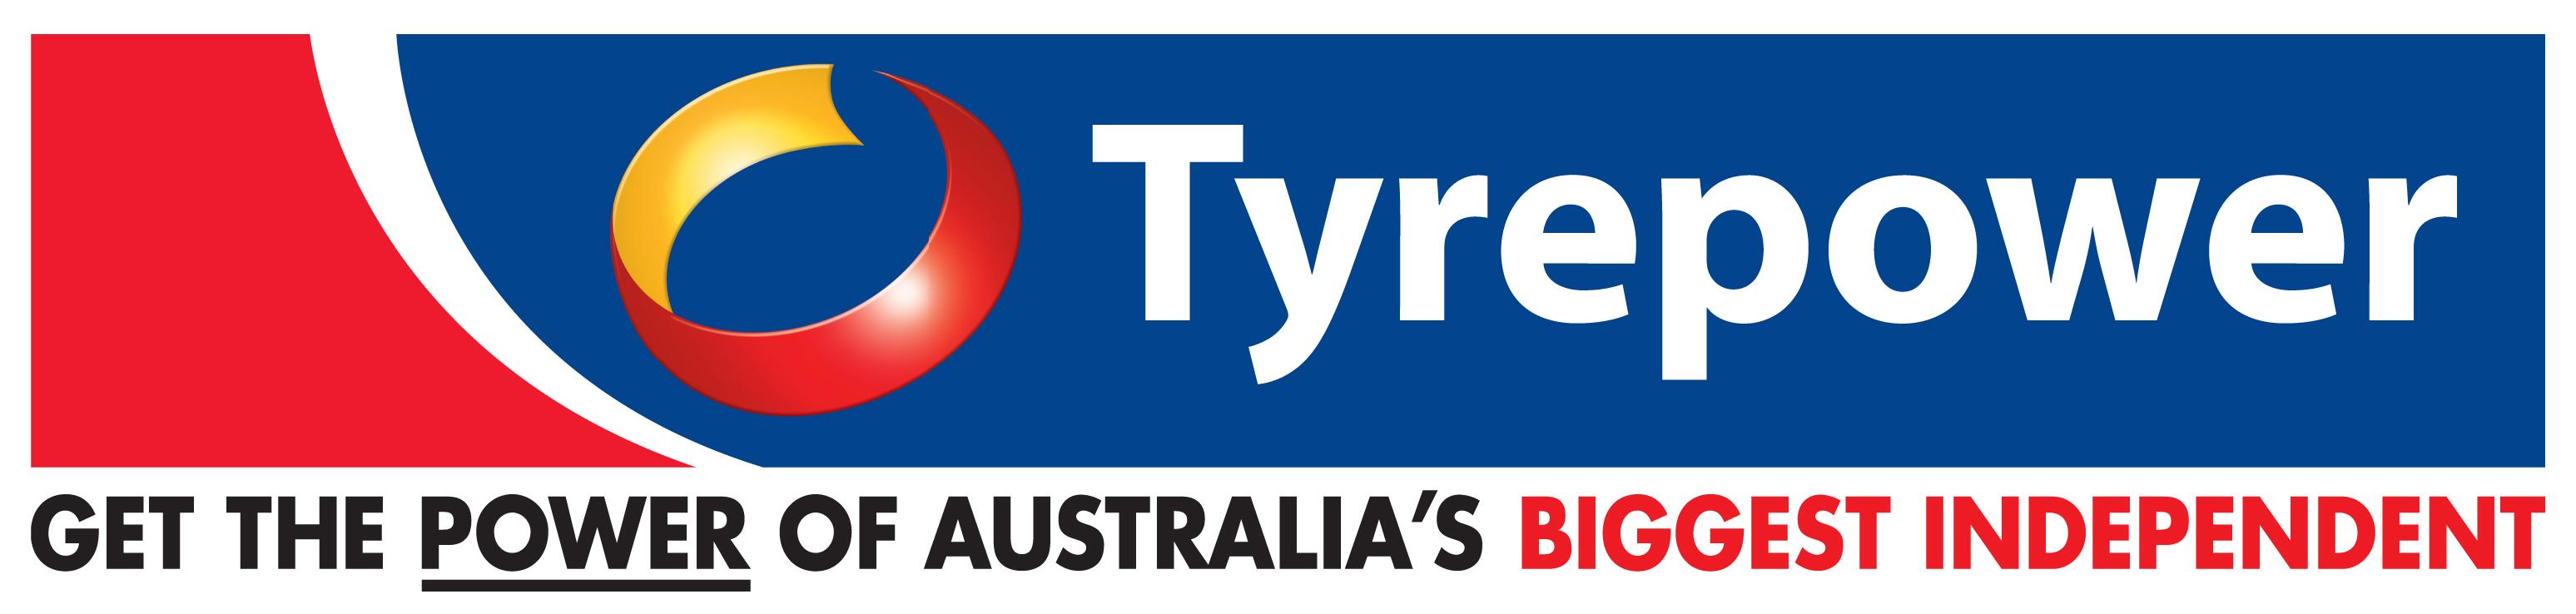 Tyrepower - Corowa, NSW 2646 - (02) 6033 4288 | ShowMeLocal.com